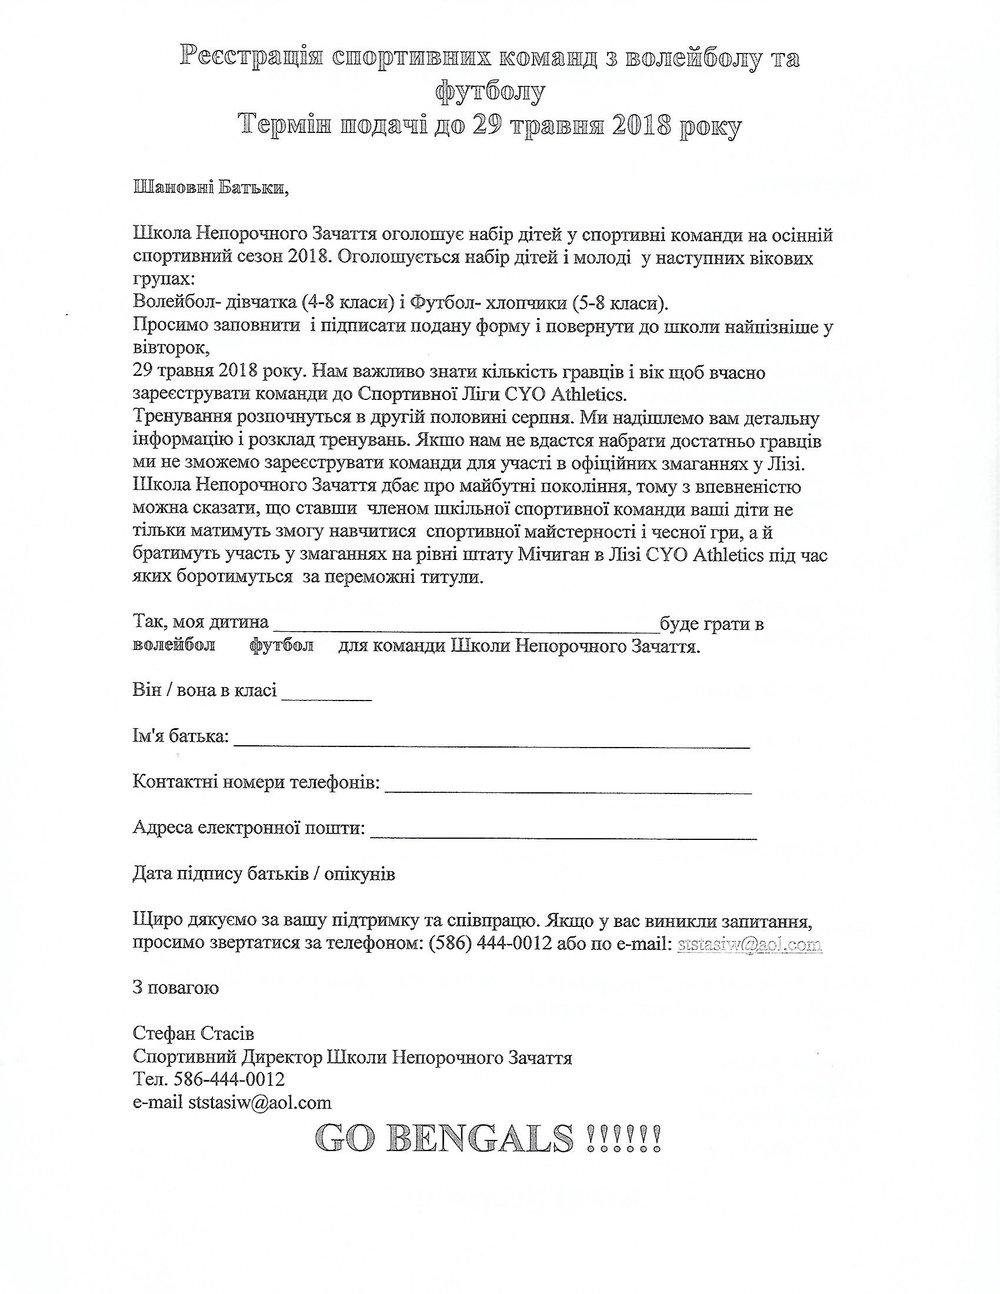 Sports Signup Ukr.jpg